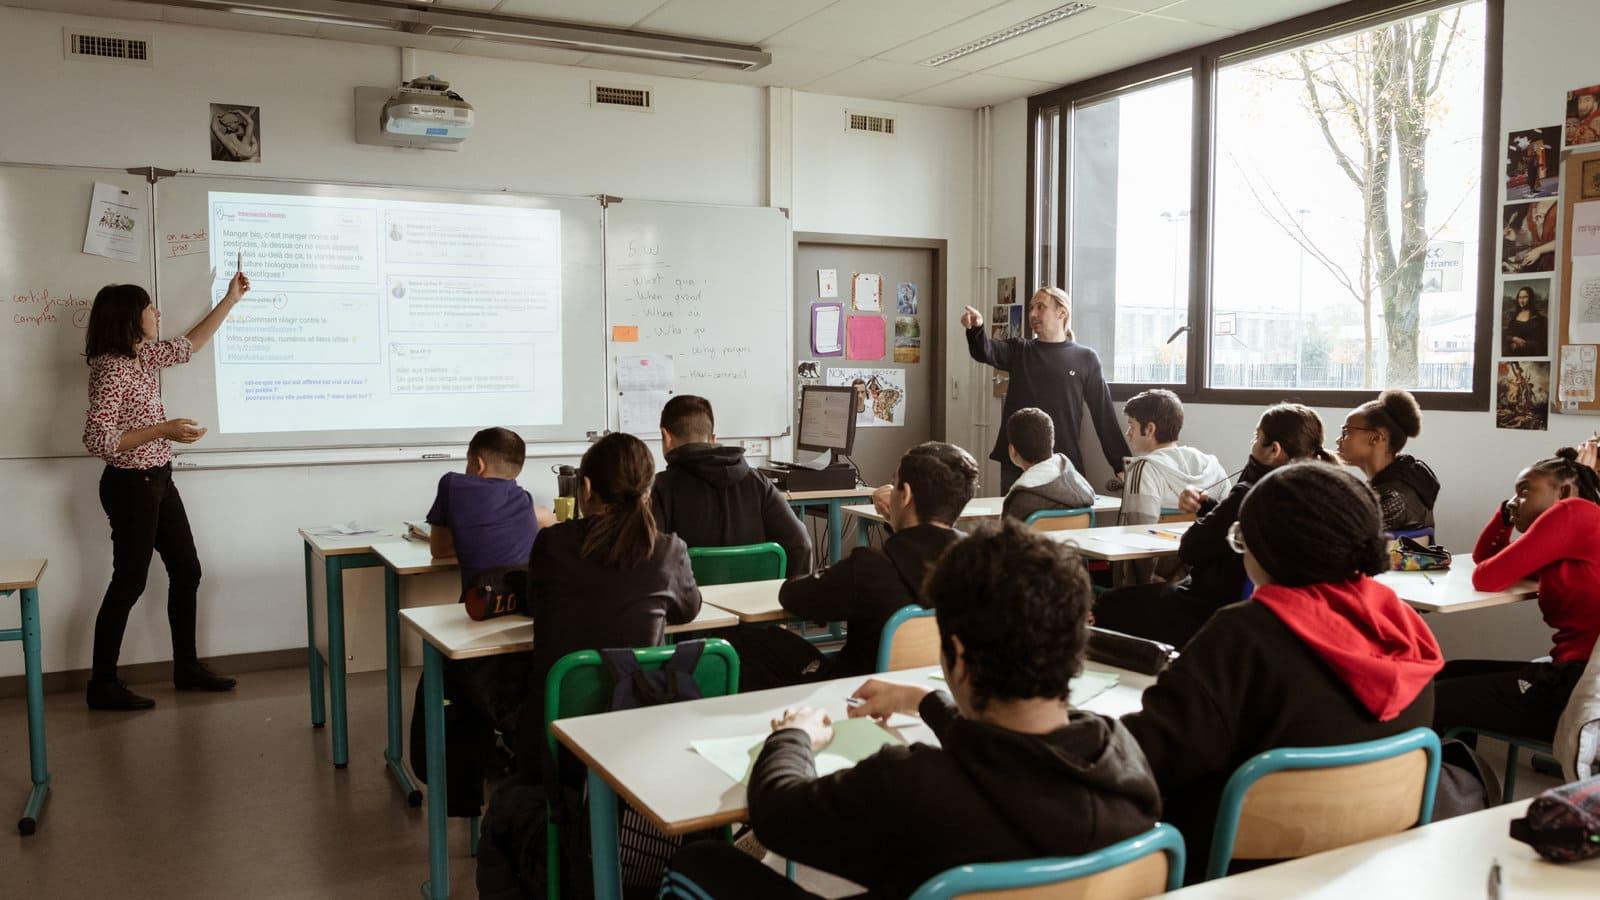 Около 10 % учеников профессиональной средней школы не стали проходить запись на новый учебный год. После режима изоляции образовательные учреждения опасаются беспрецедентной волны «ушедших школьников». Заведения не могу решить эту проблему самостоятельно.